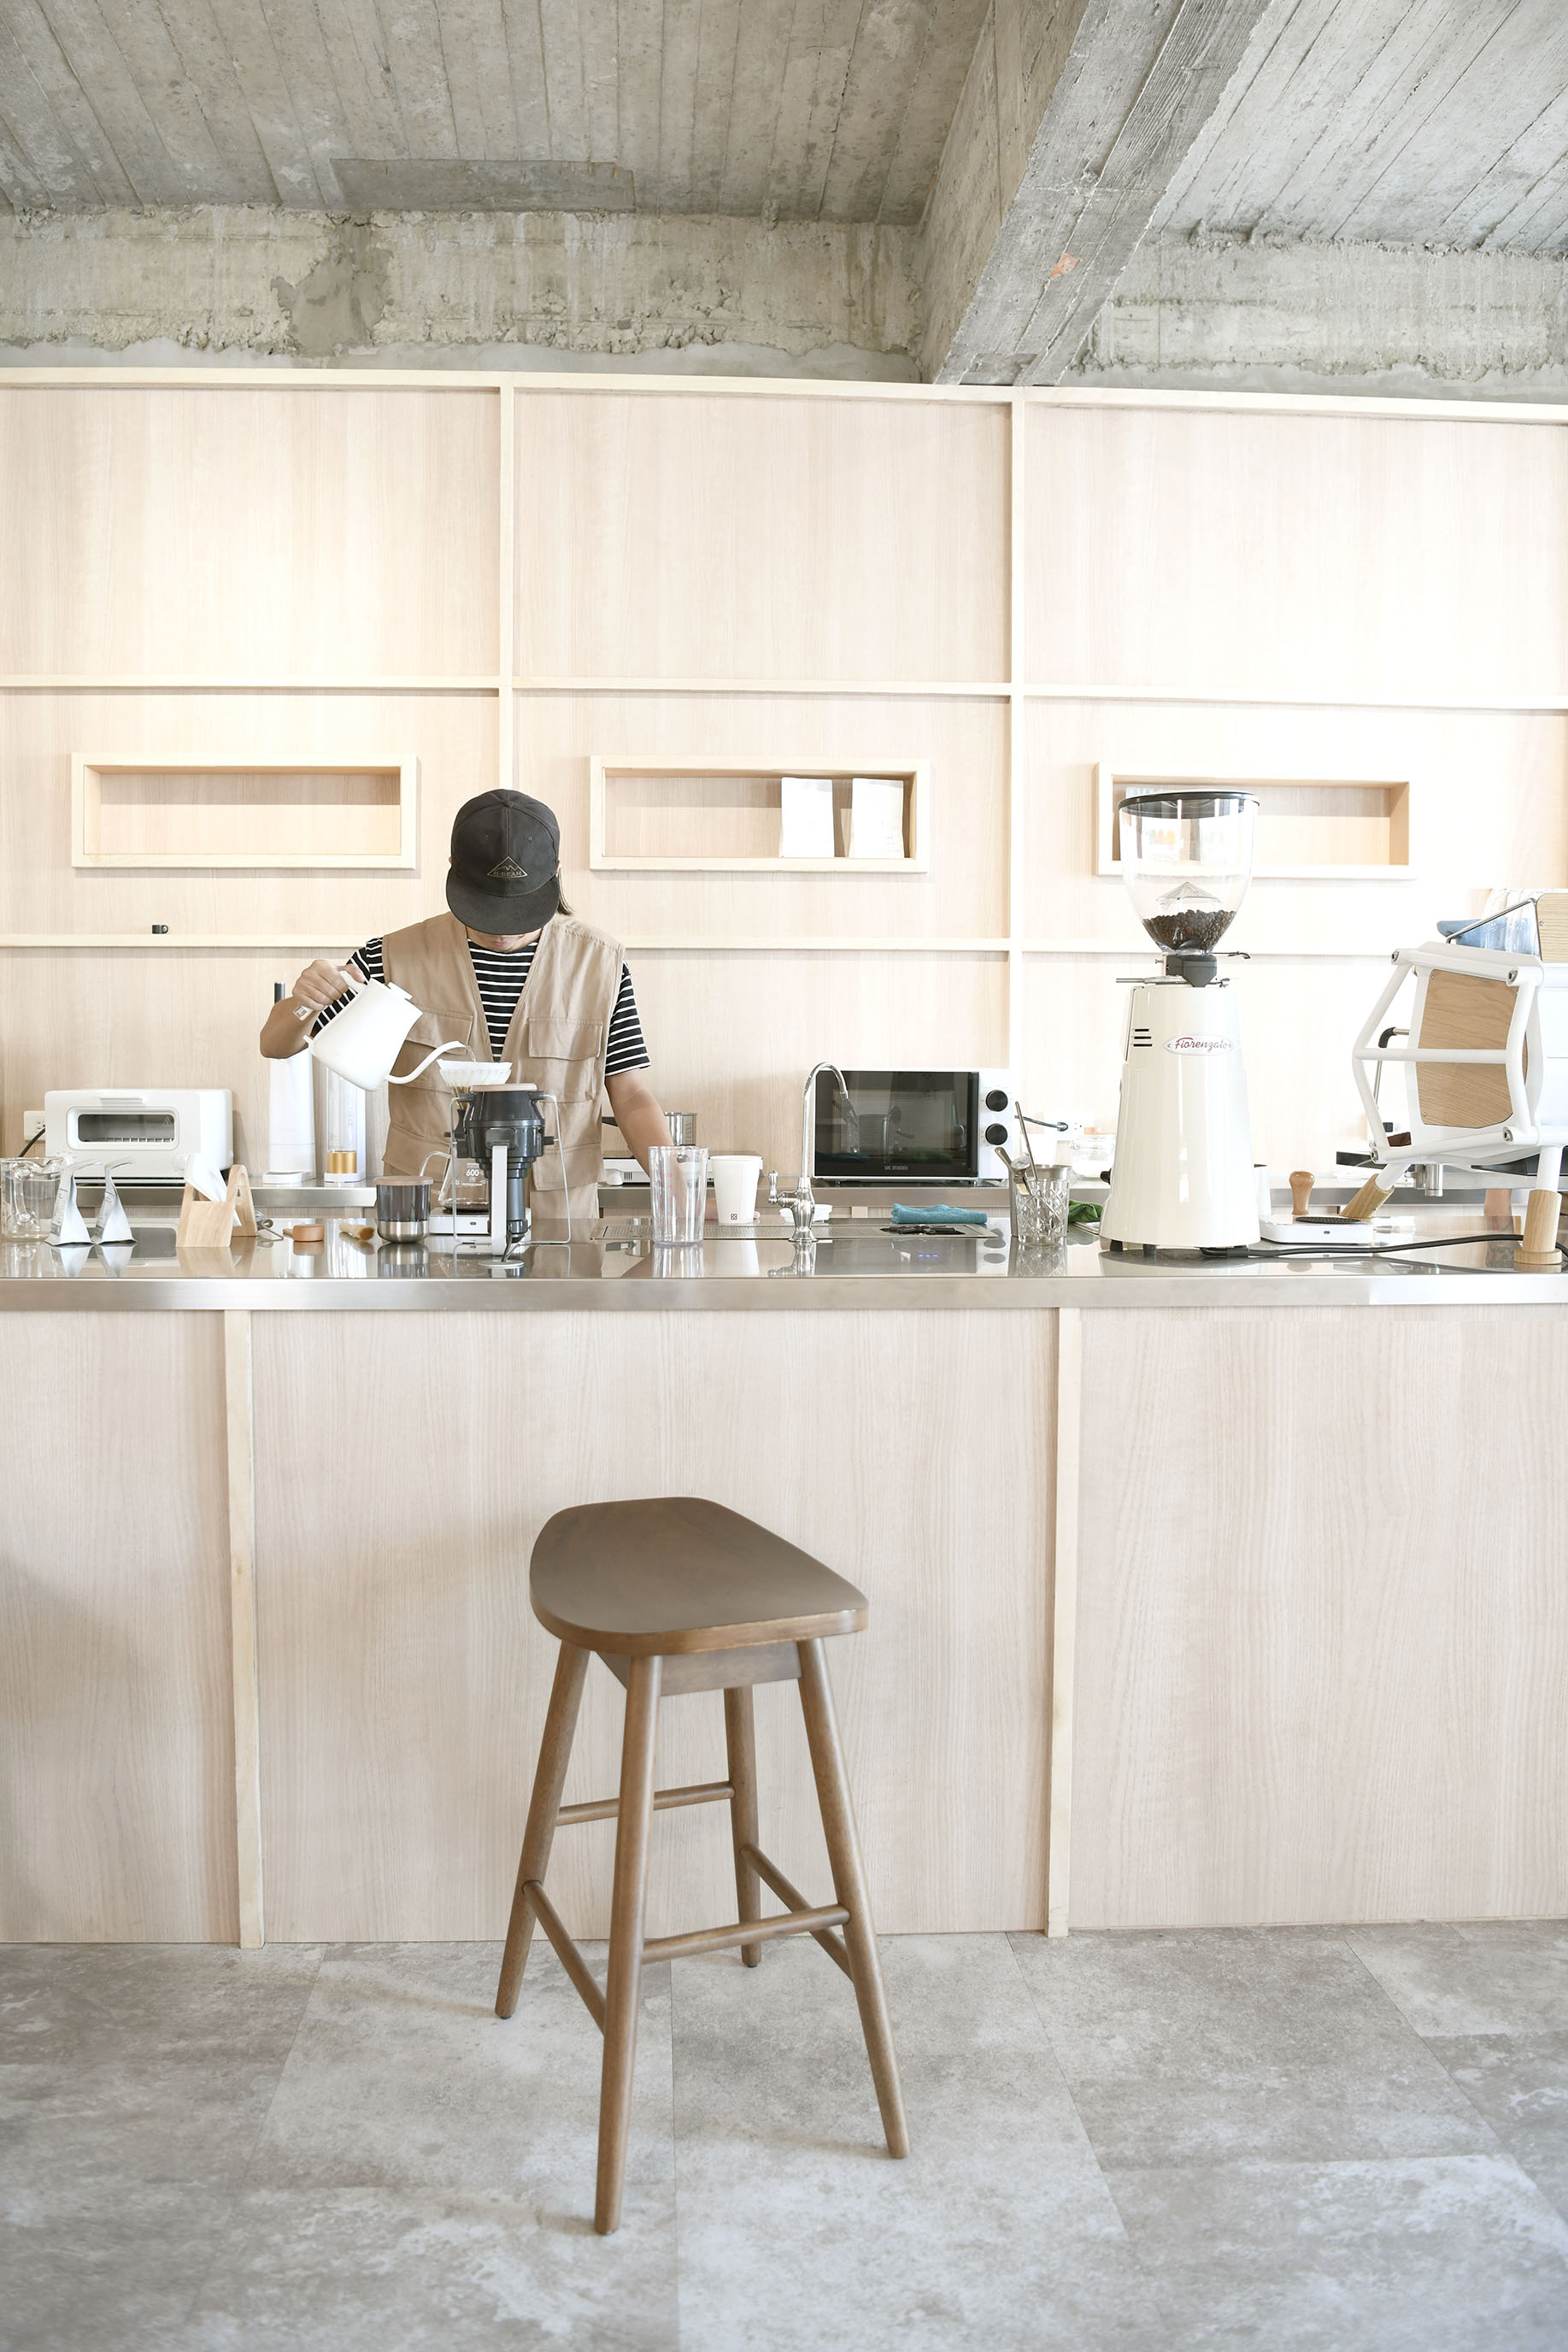 決定在鳥不生蛋裡開一間蠢咖啡,一起悠閒開心度日。